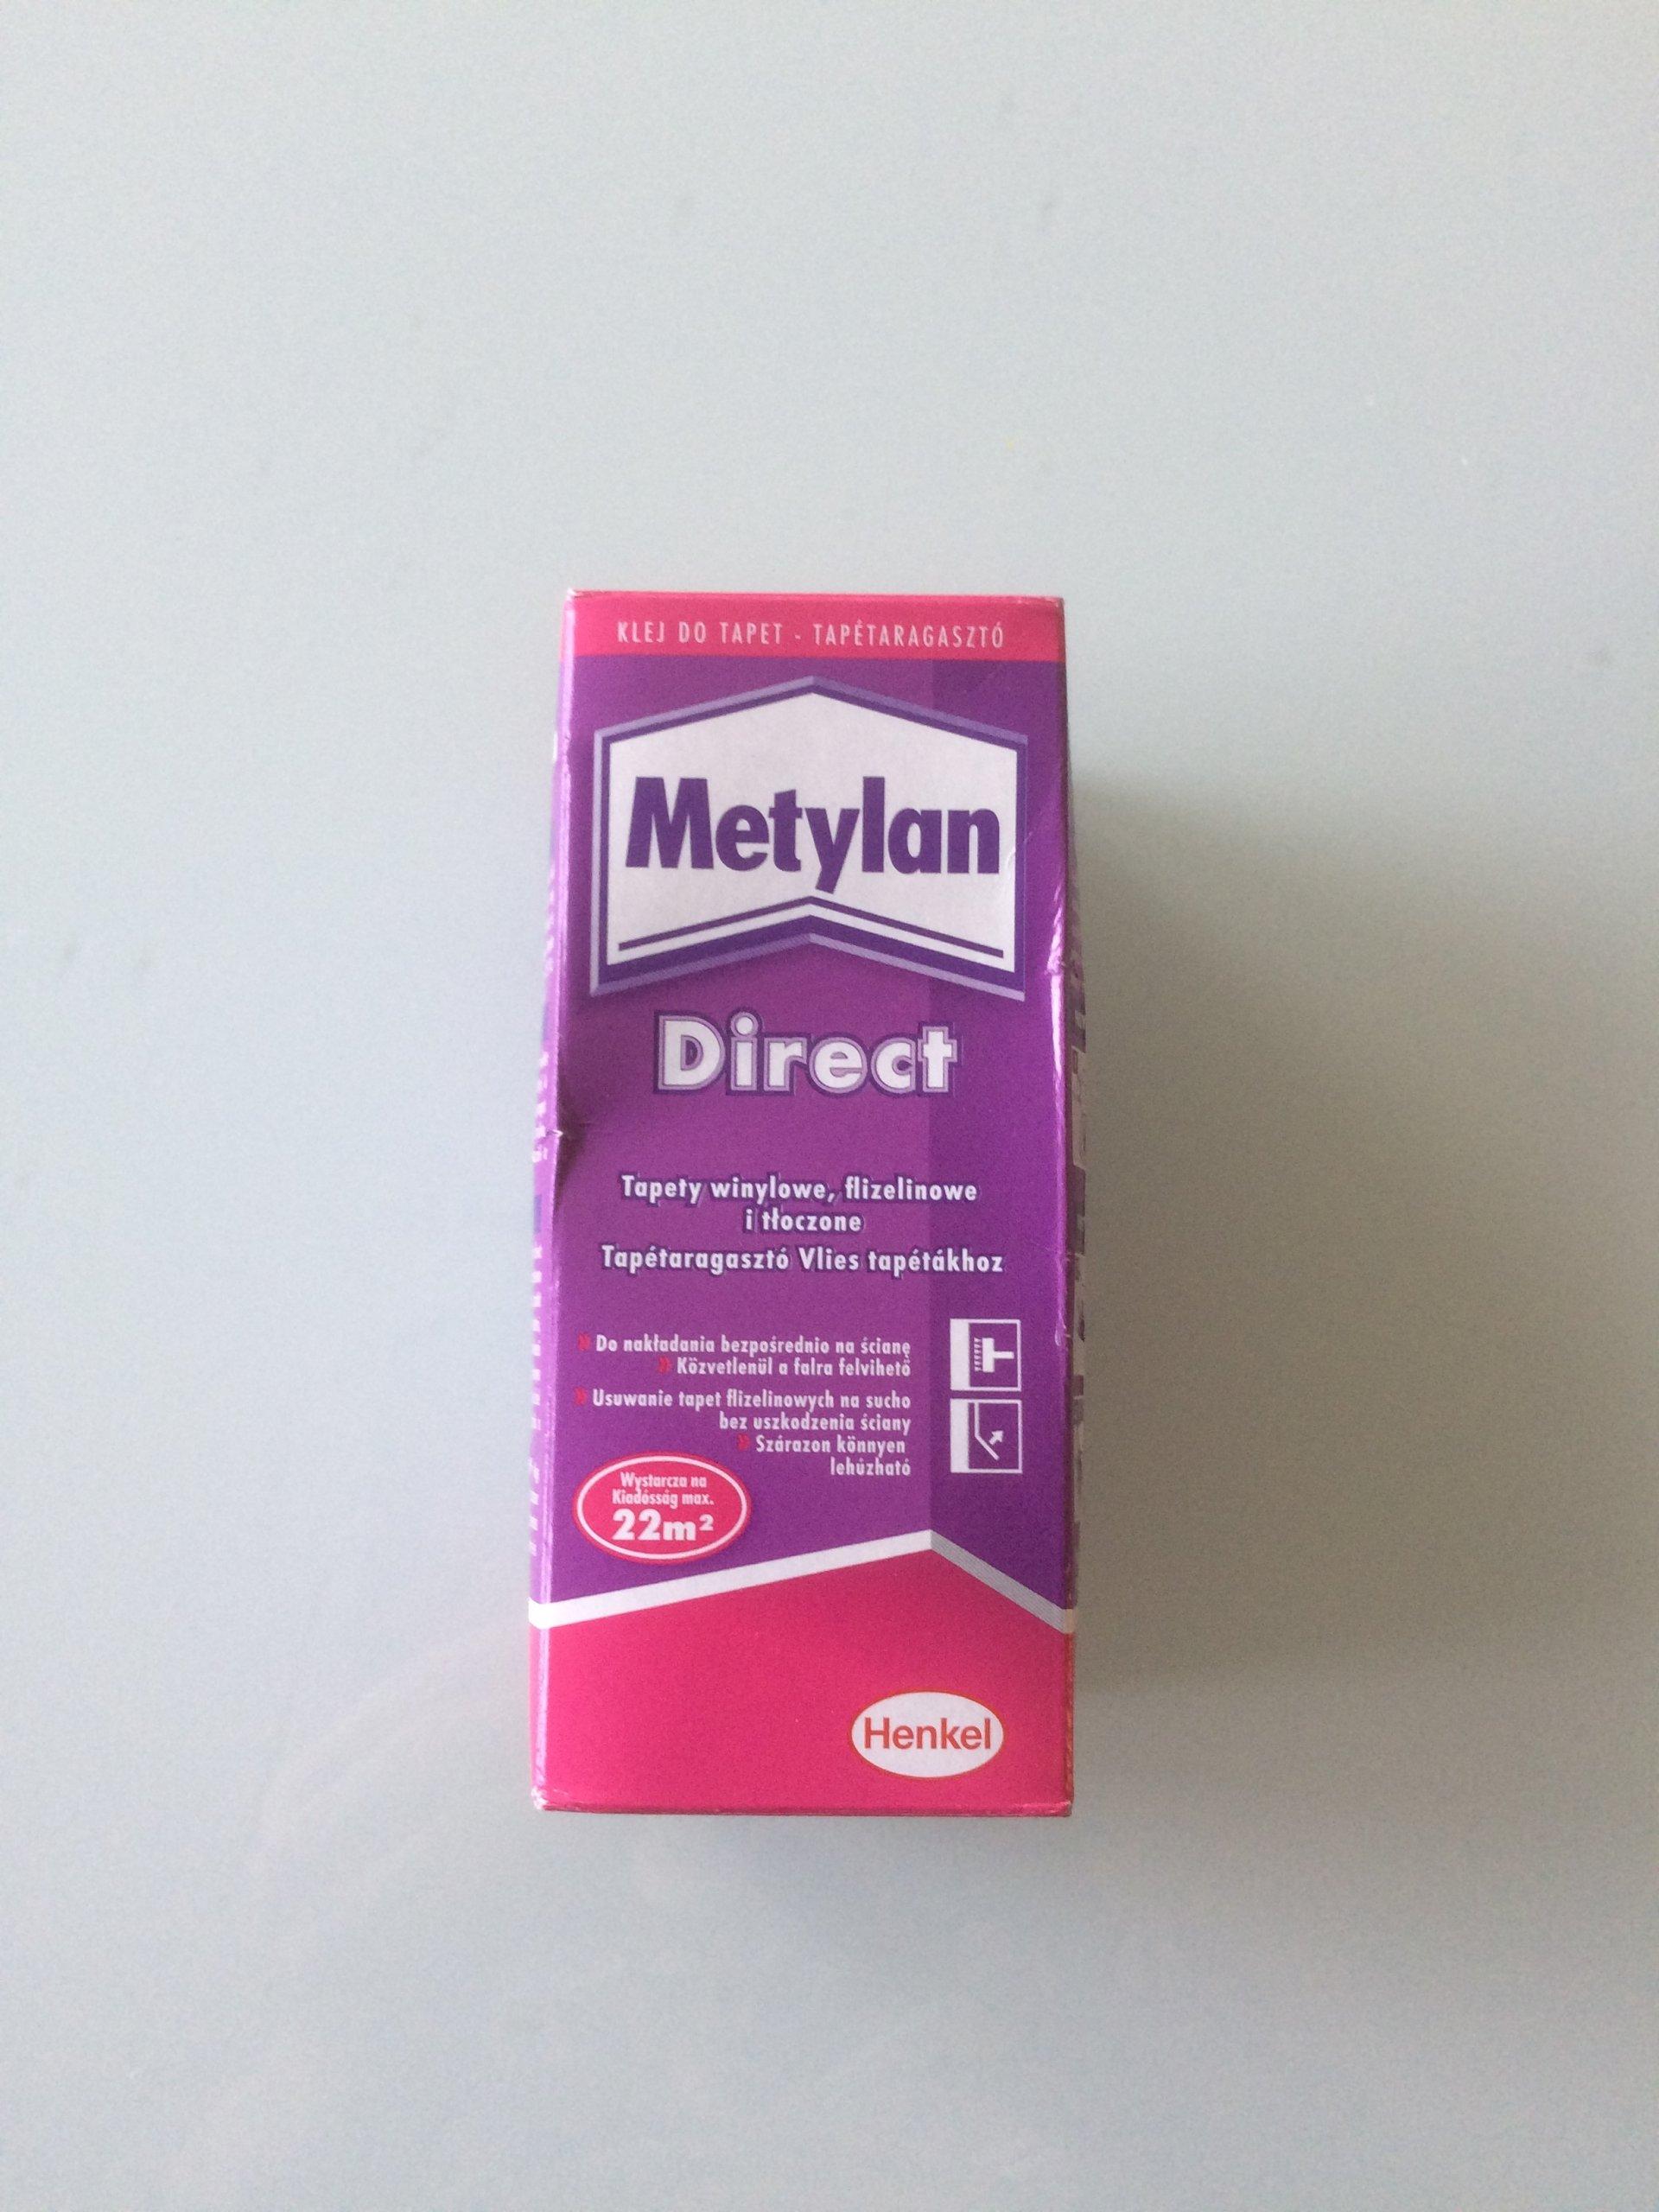 klej do tapet na flizelinie metylan direct 200g - 7150870174